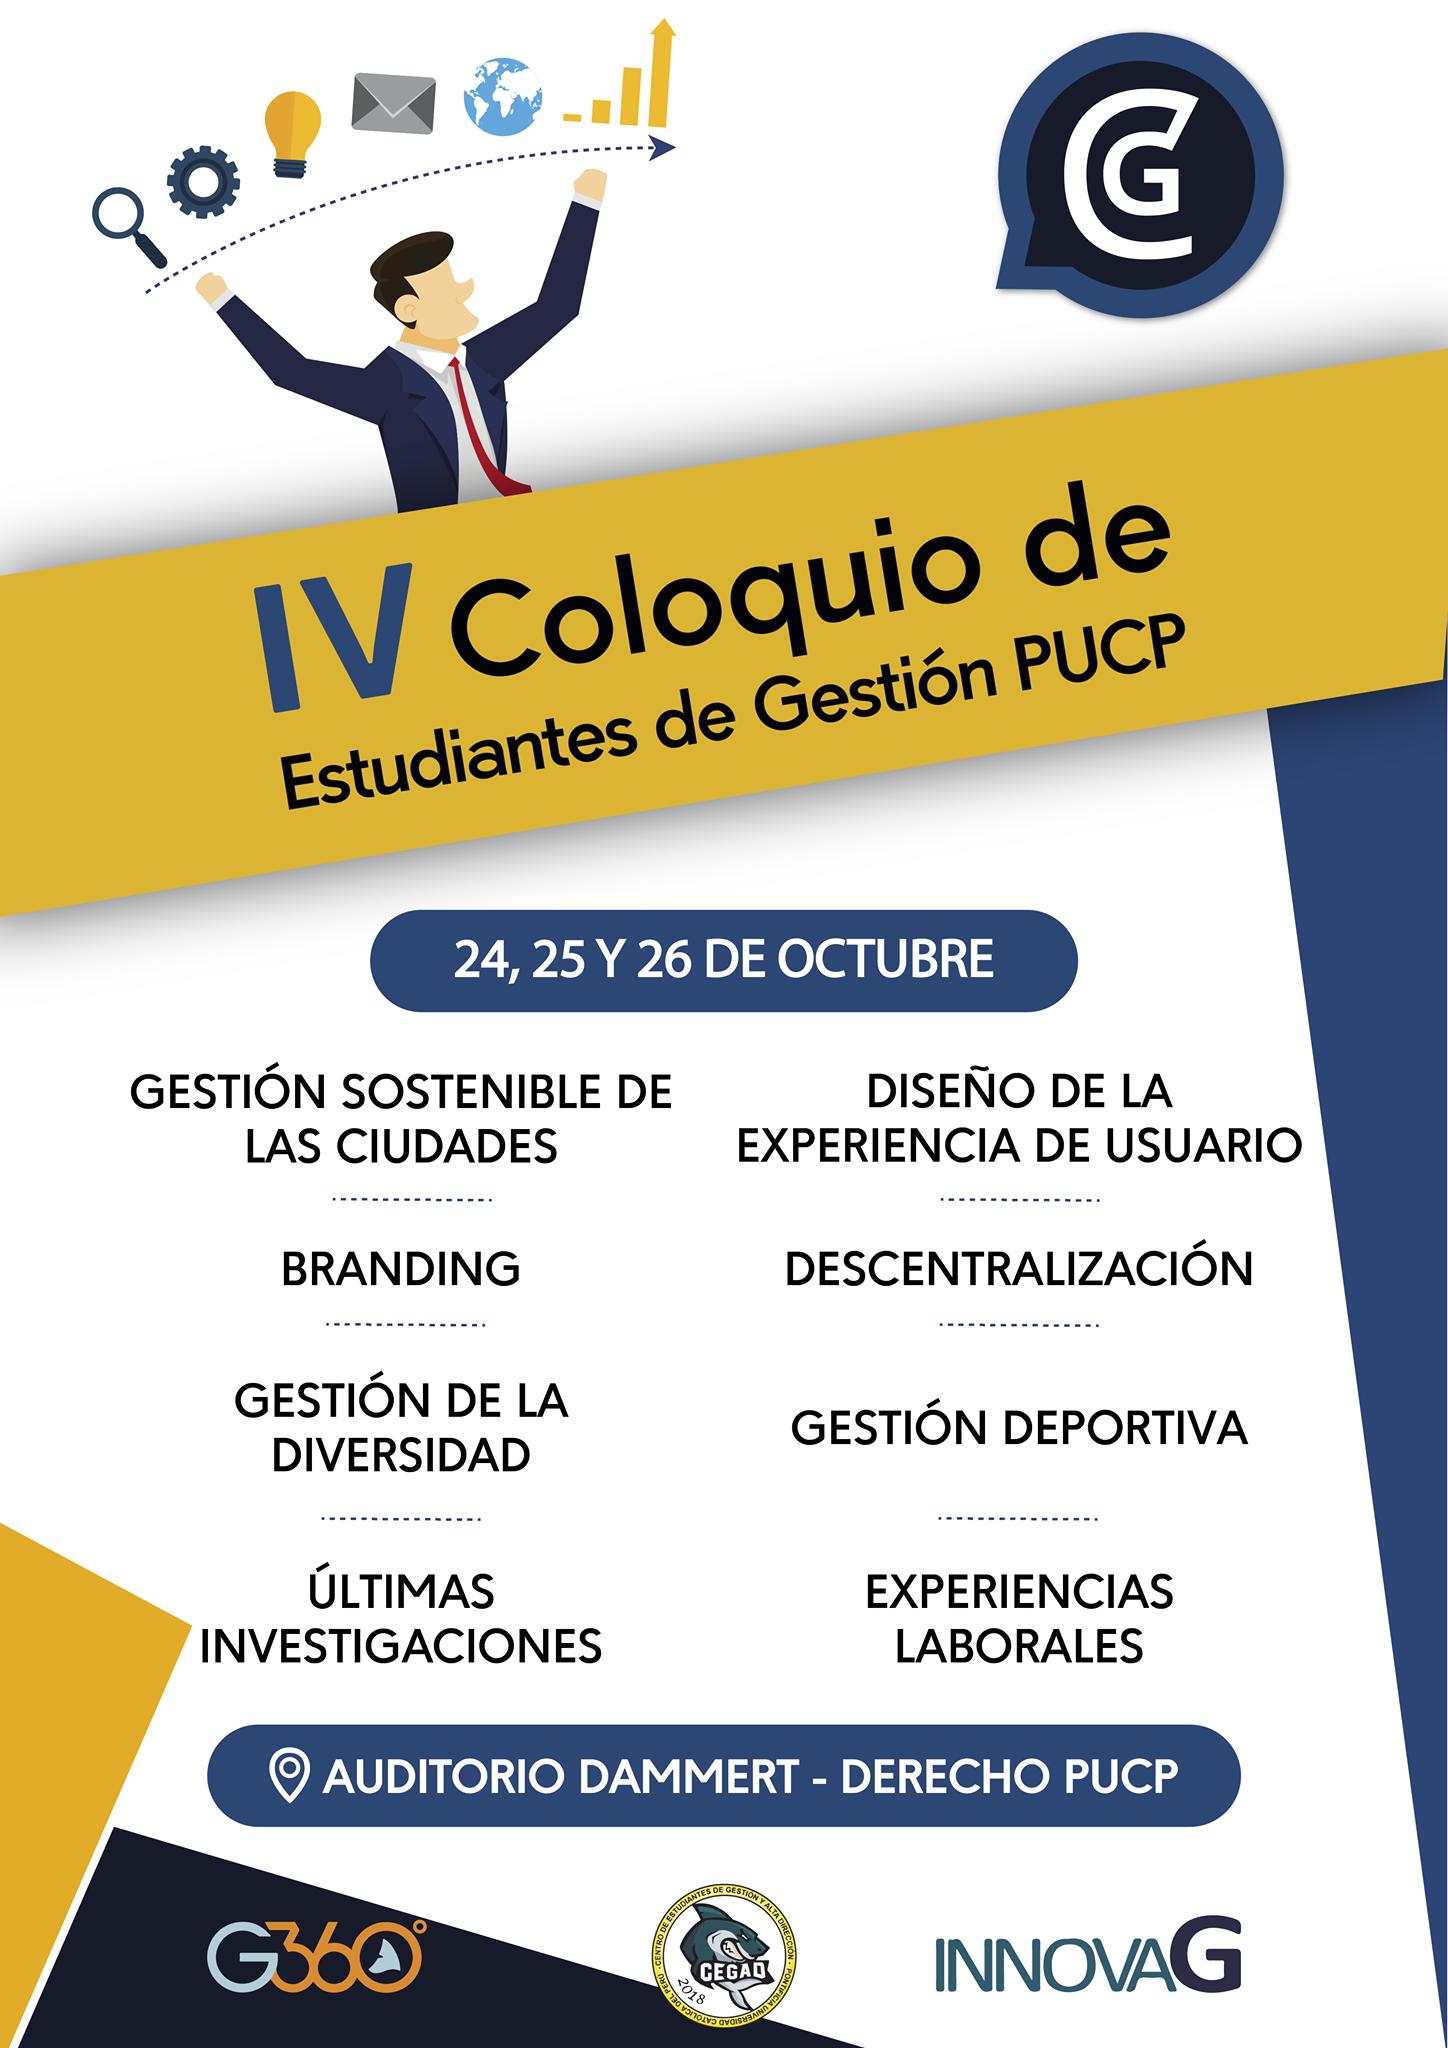 IV Coloquio de Estudiantes de la Facultad de Gestión y Dirección PUCP